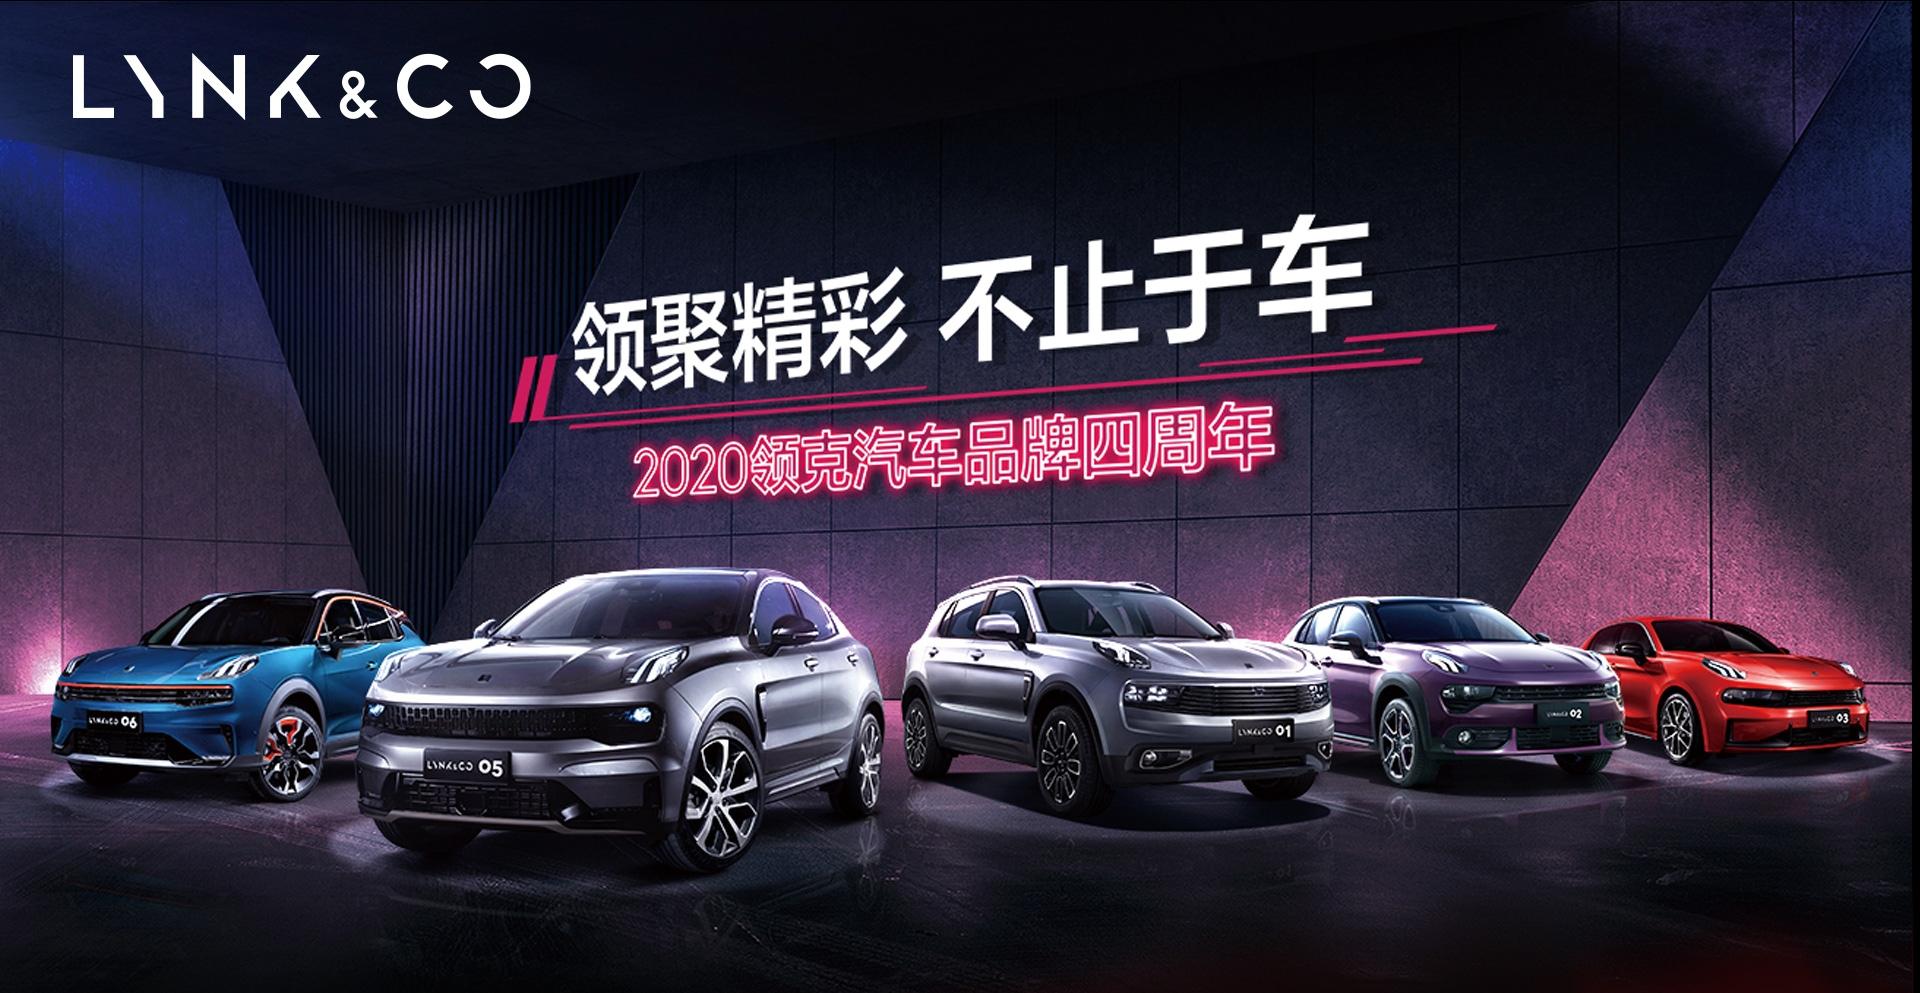 领克品牌四周年,郑州领福带你体验购车盛宴